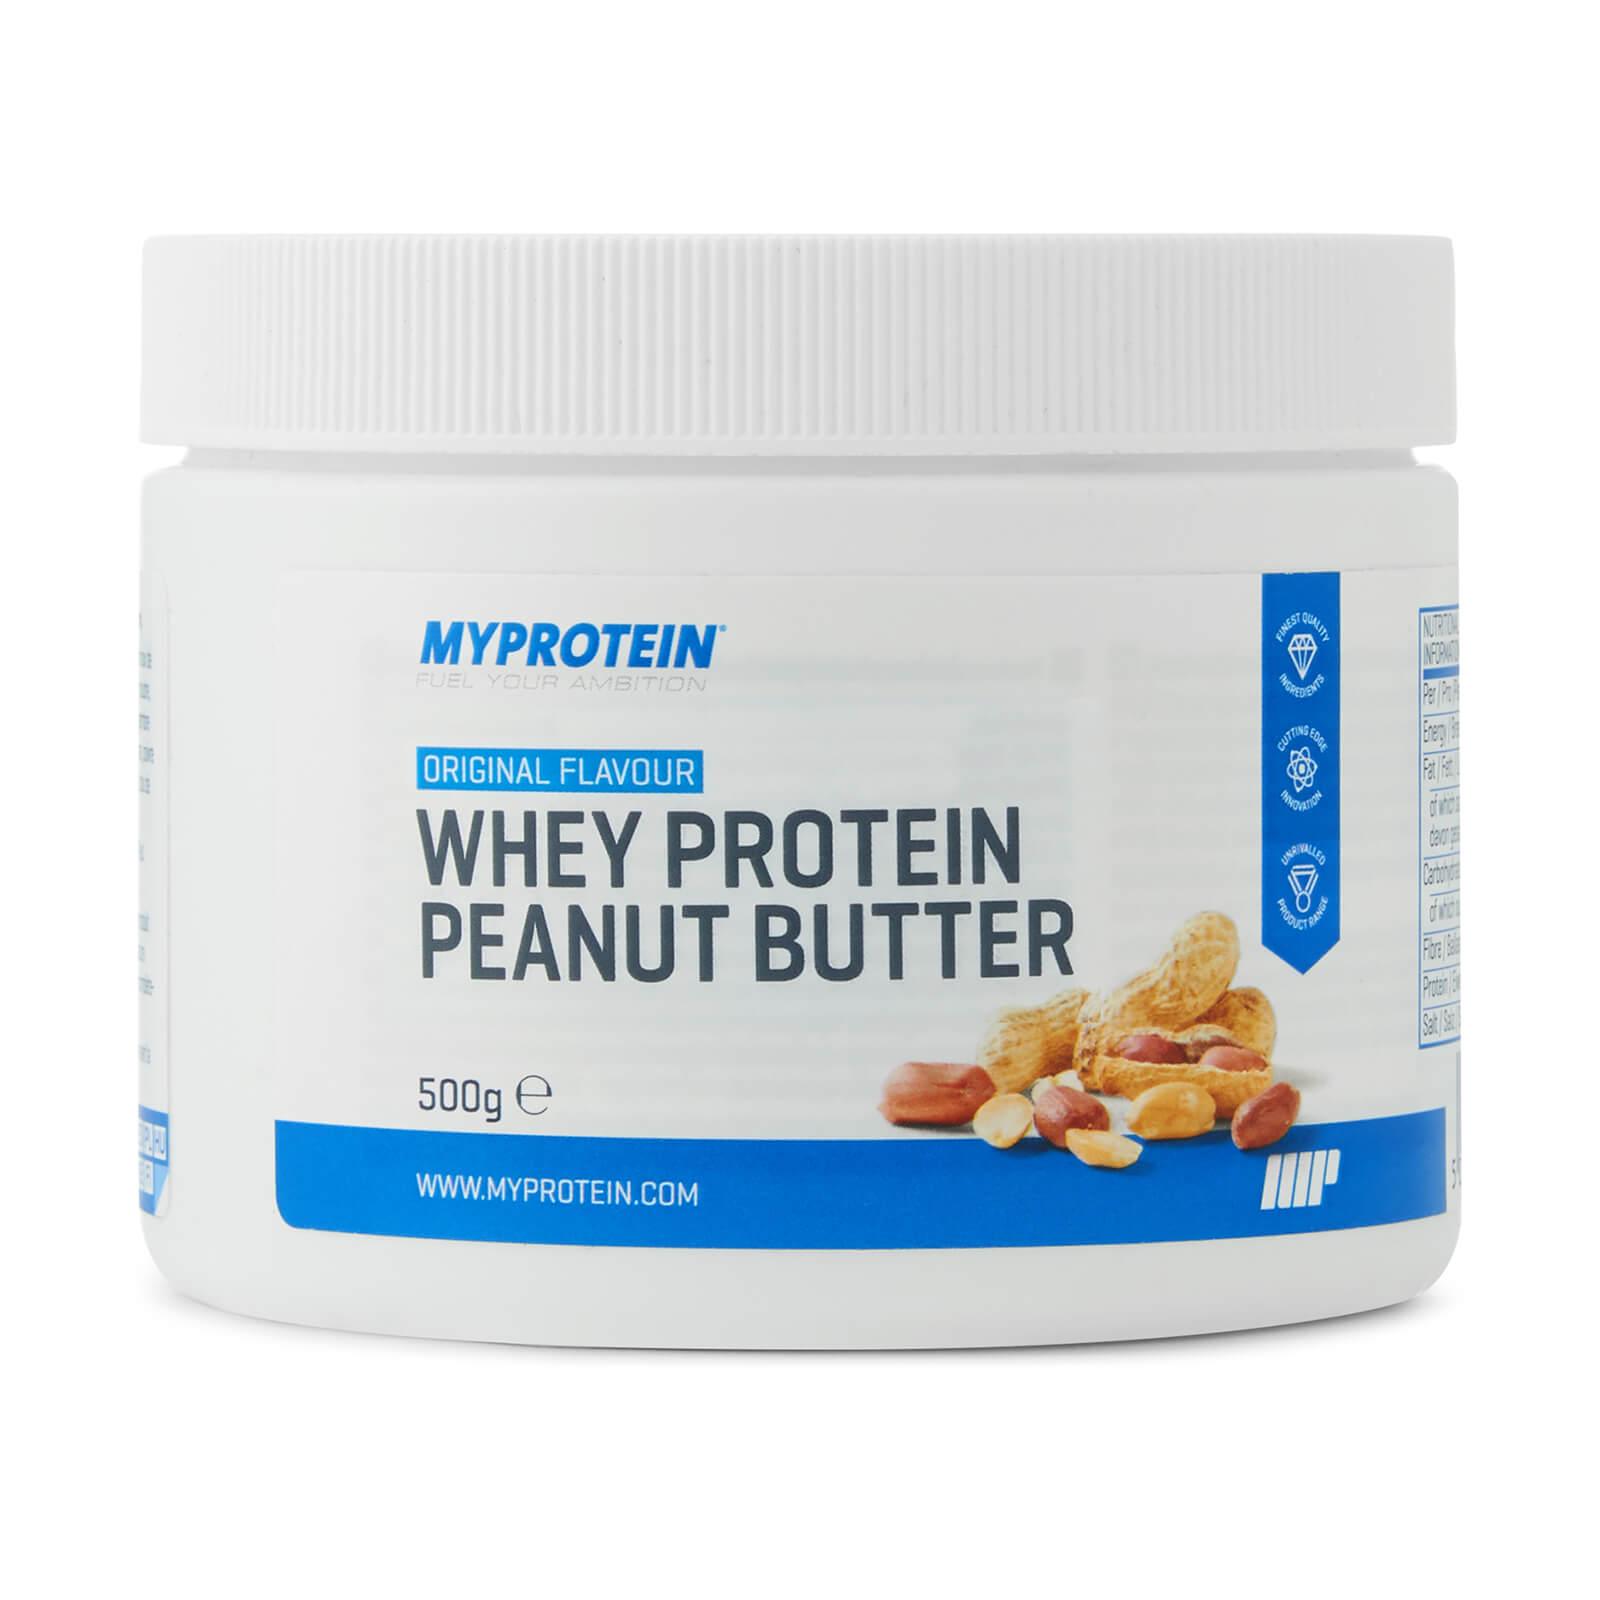 Myprotein Beurre de cacahuète protéiné - 500g - Original